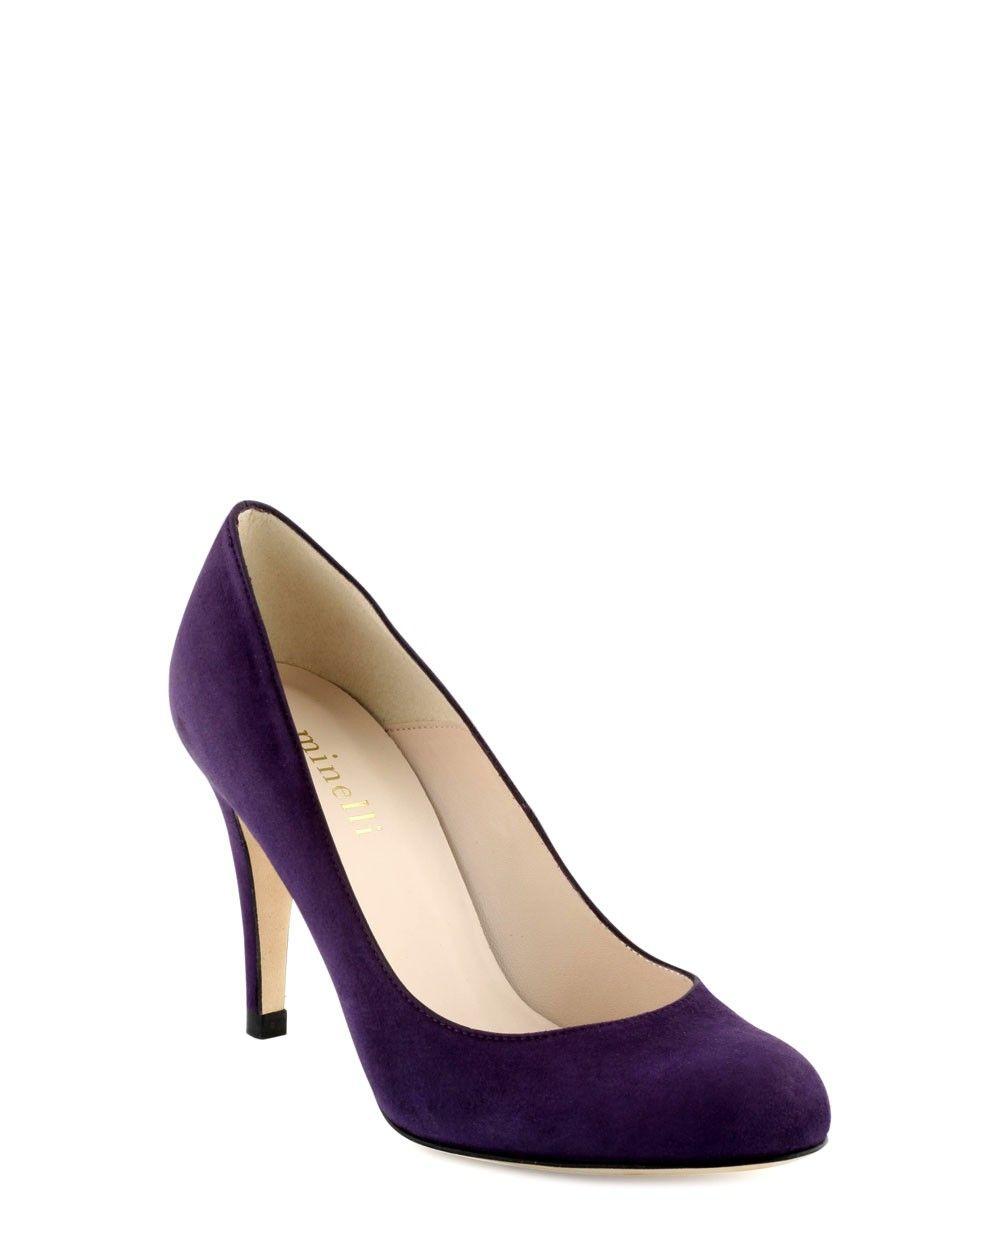 sélection premium fe084 e06e1 Echenial (Violet) - Minelli | Chaussures en 2019 | Minelli ...